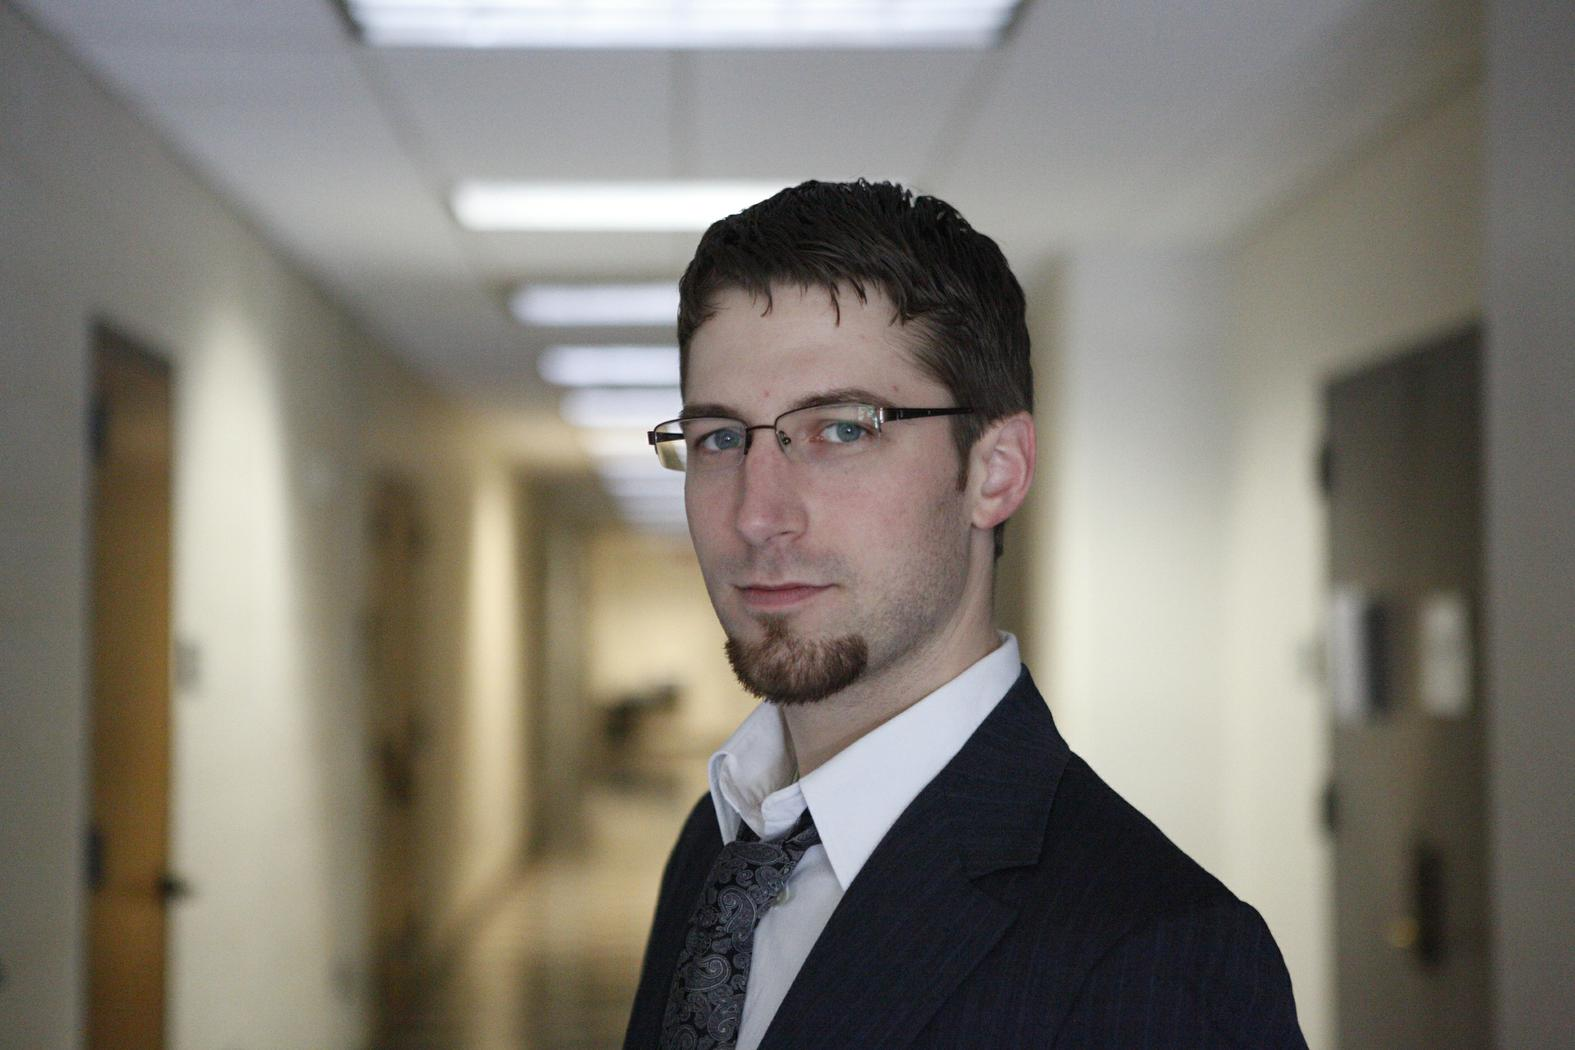 Justin Barisich